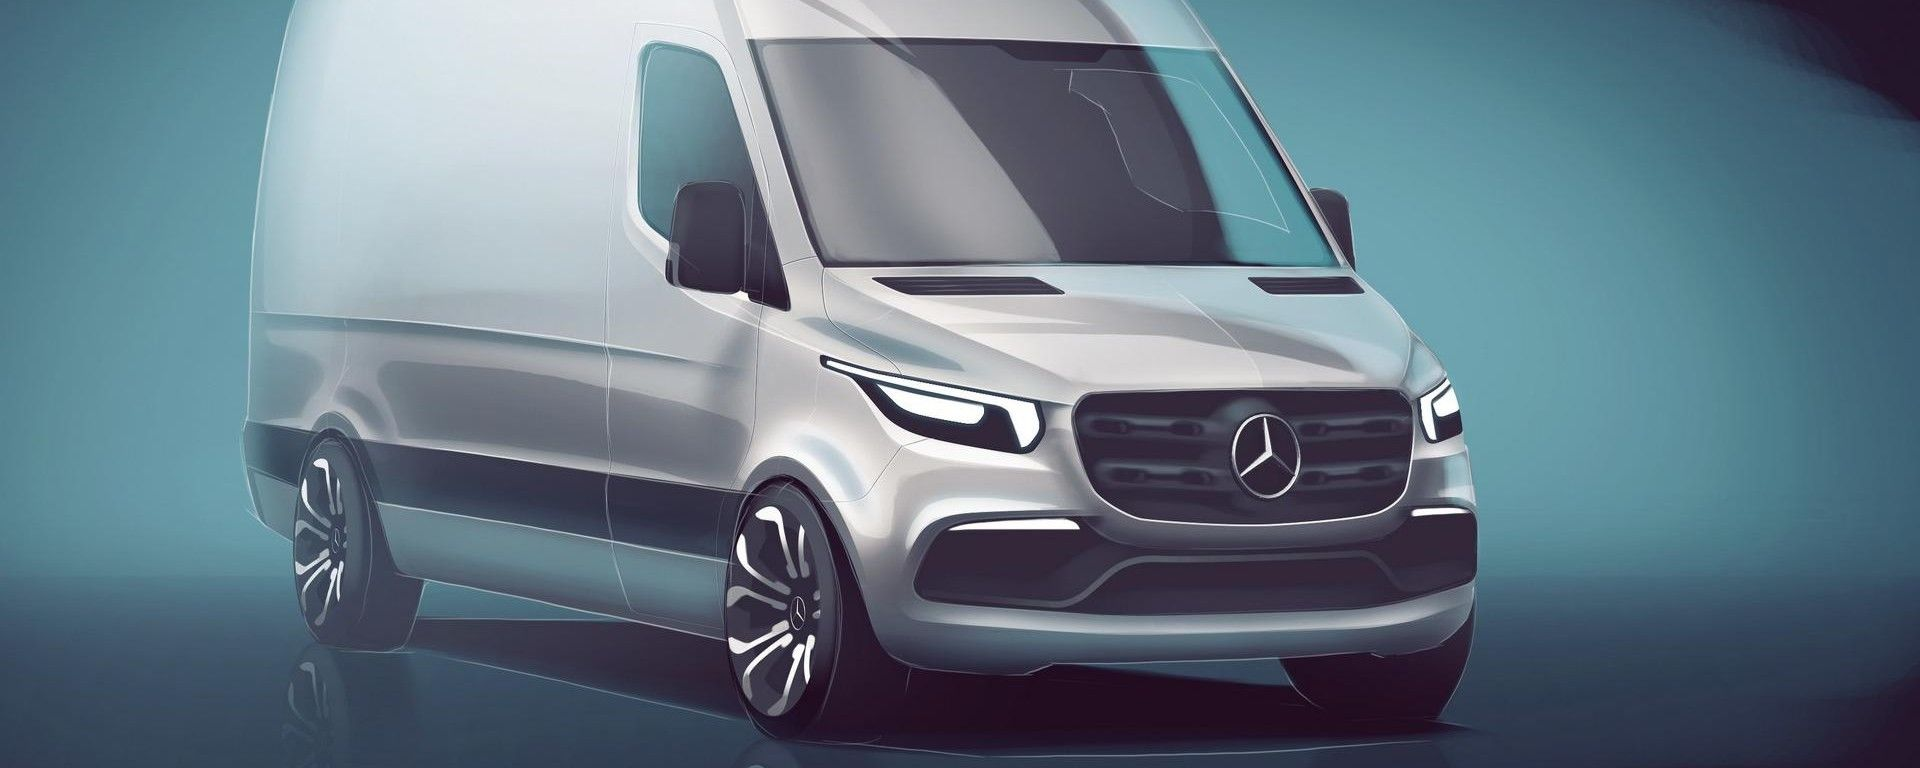 Mercedes Sprinter: prima immagine teaser della nuova generazione